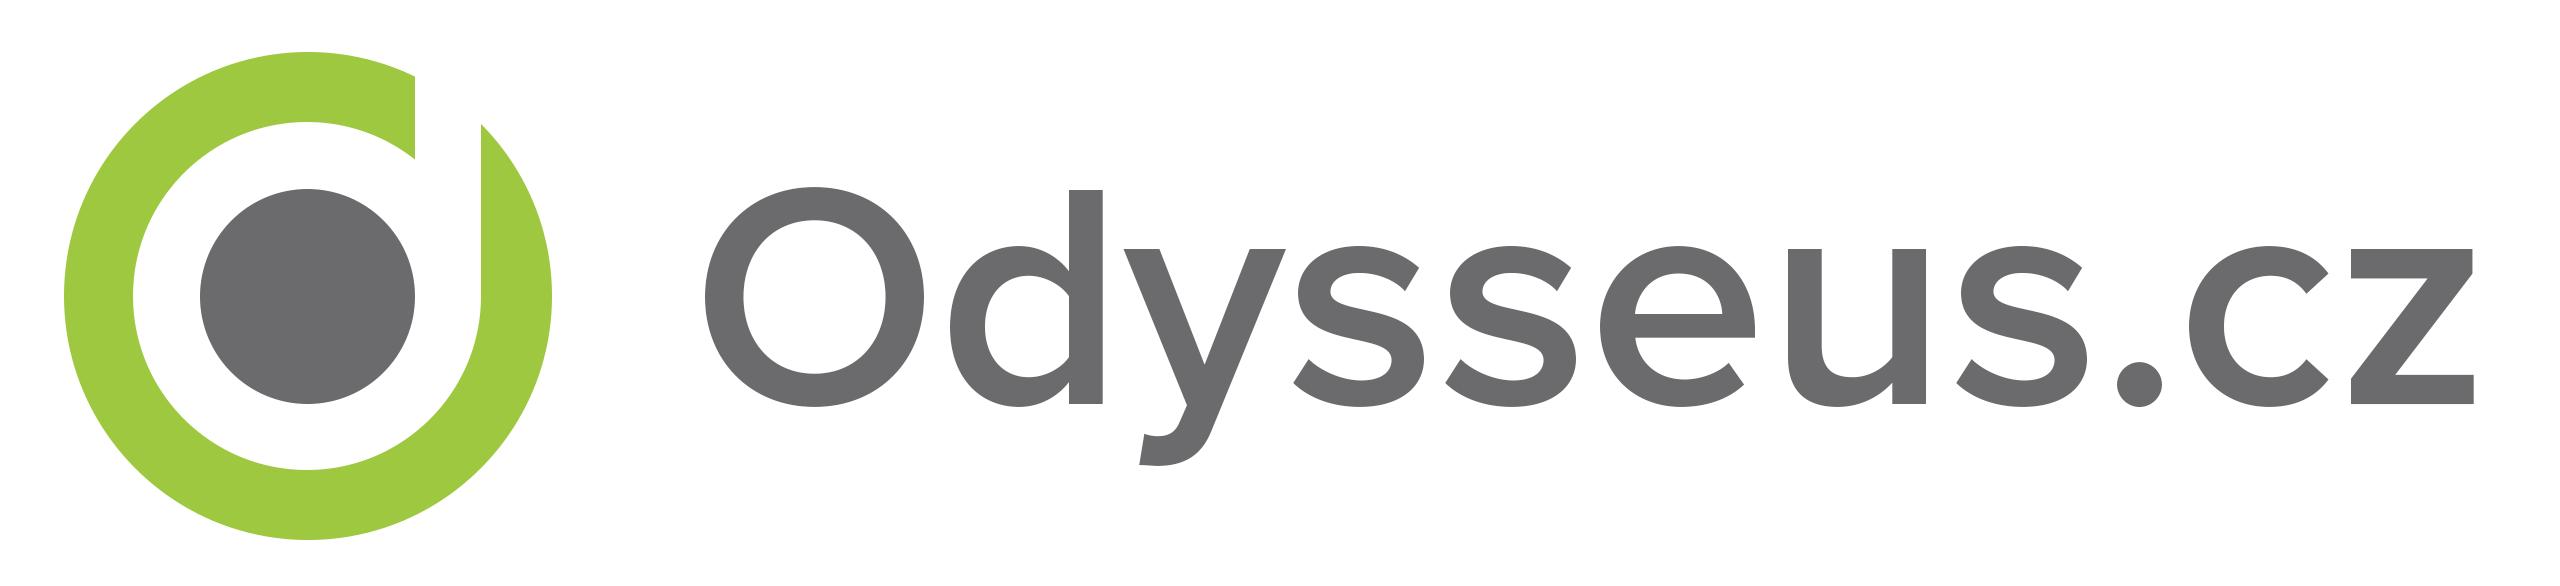 Odysseus.cz